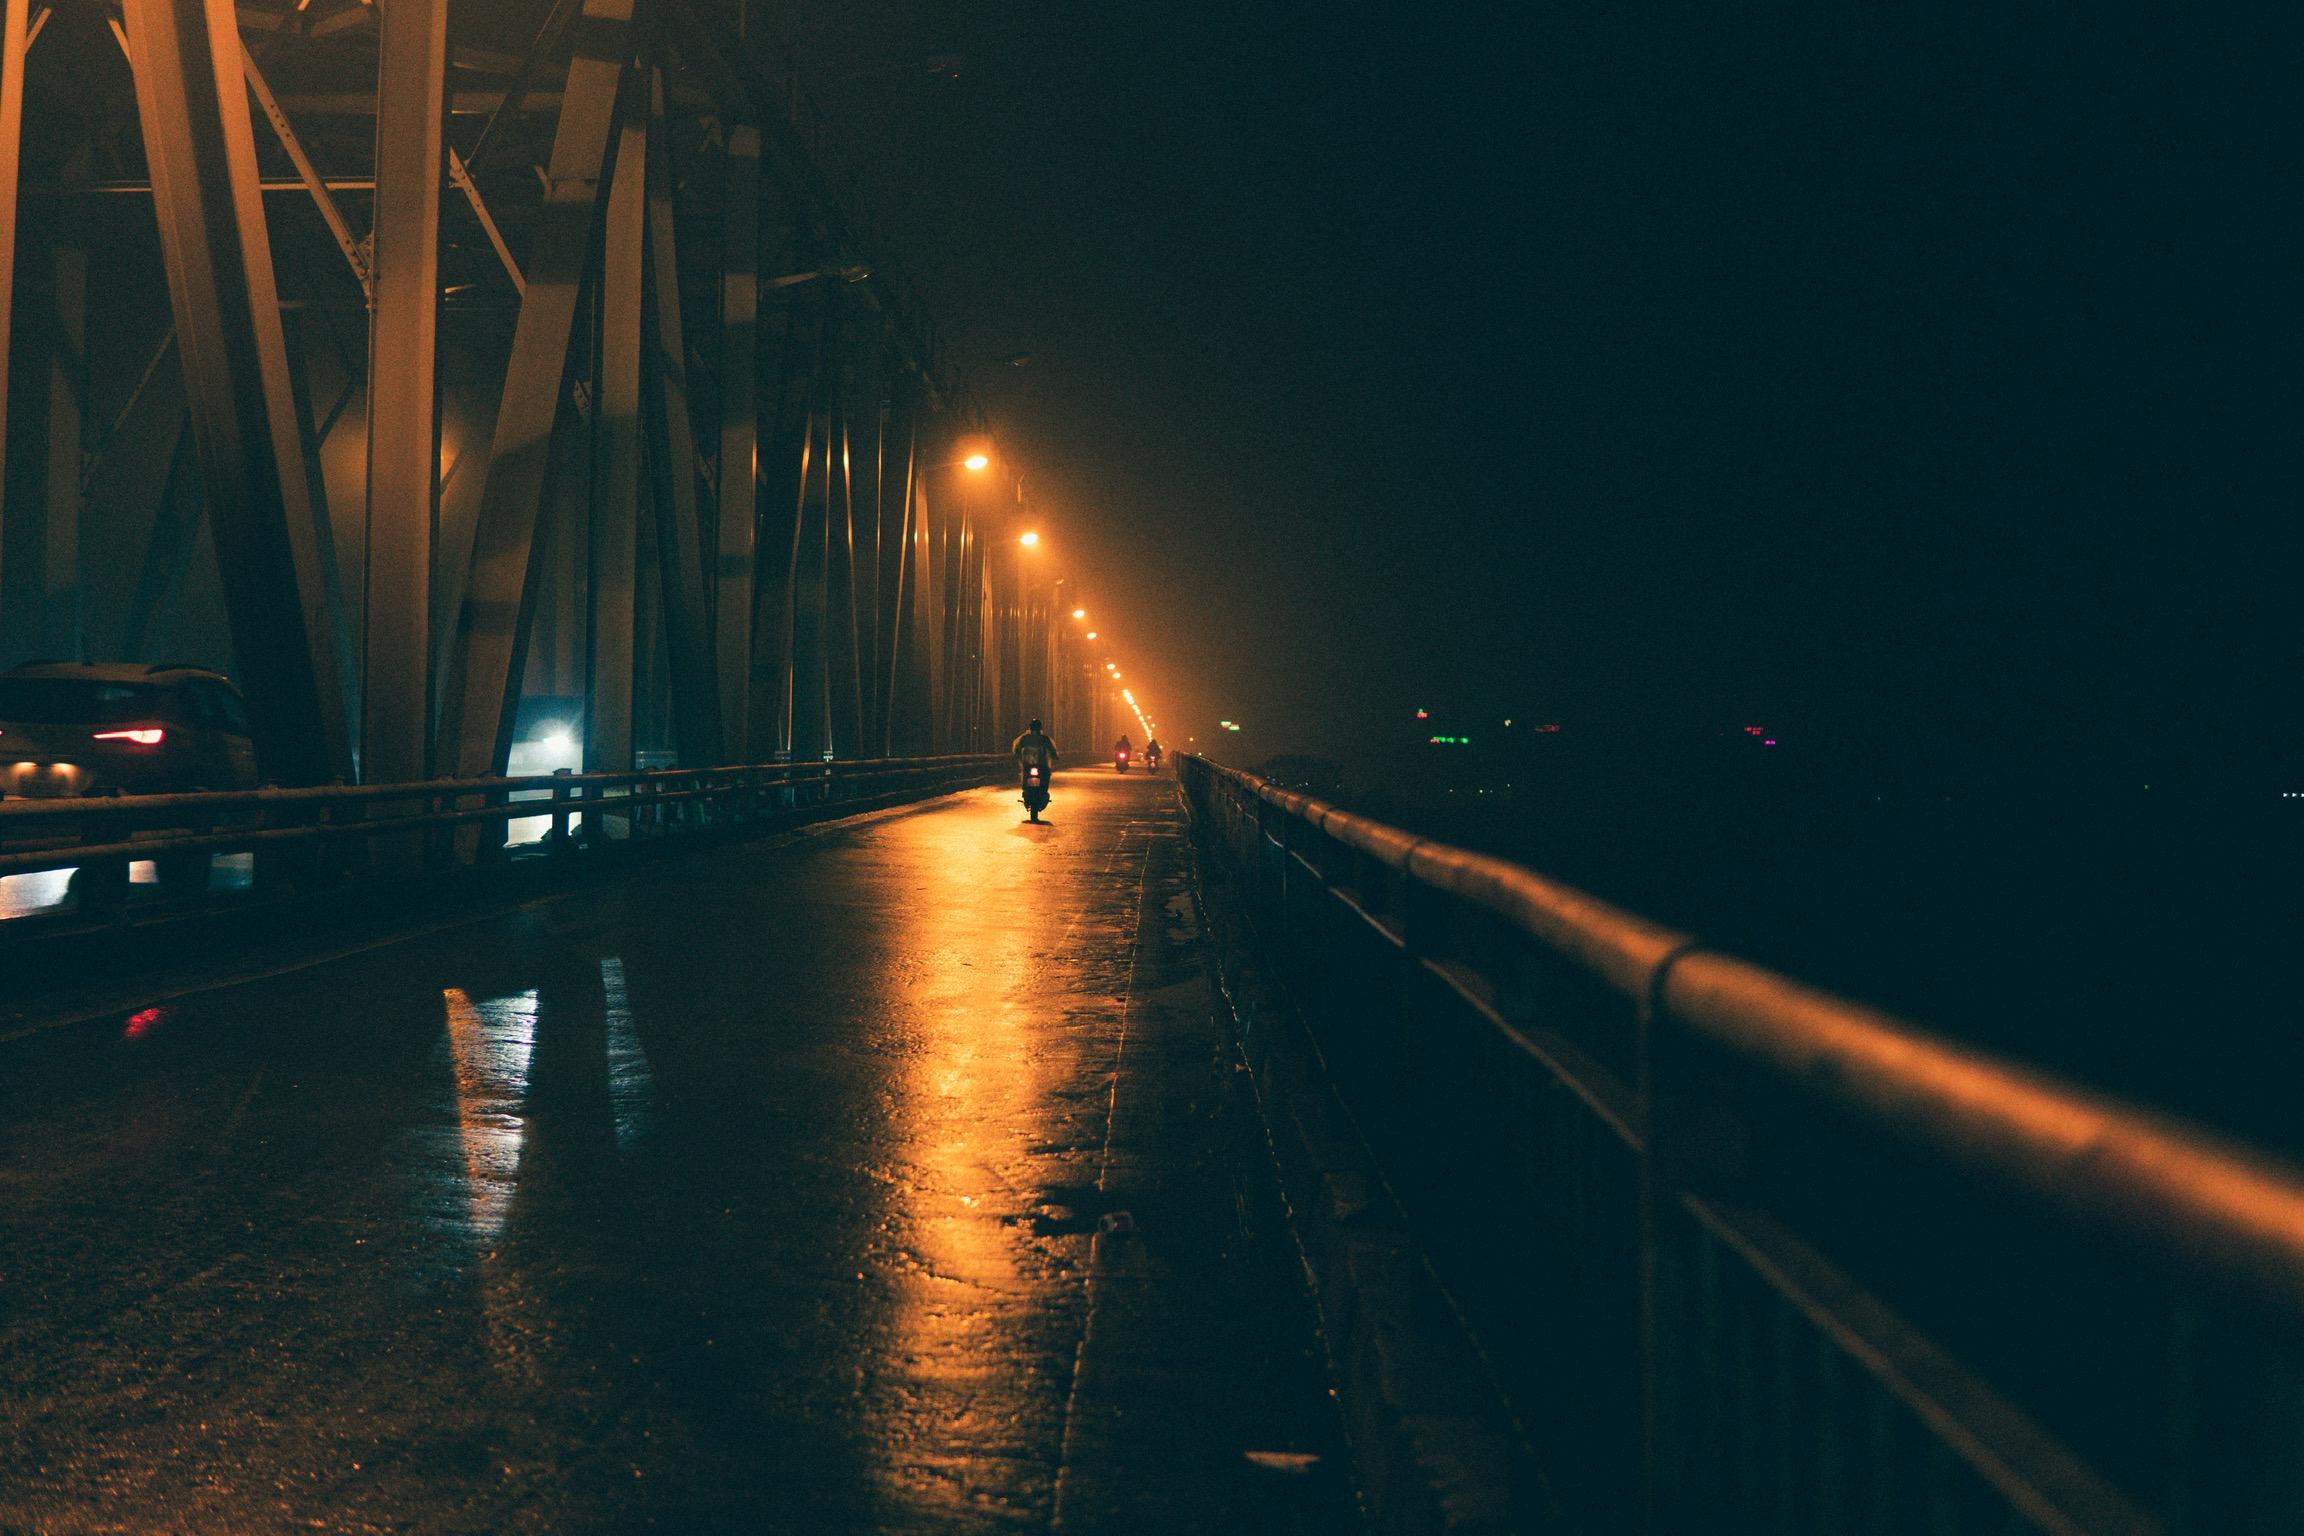 Ảnh đường phố vào một ngày mưa đêm